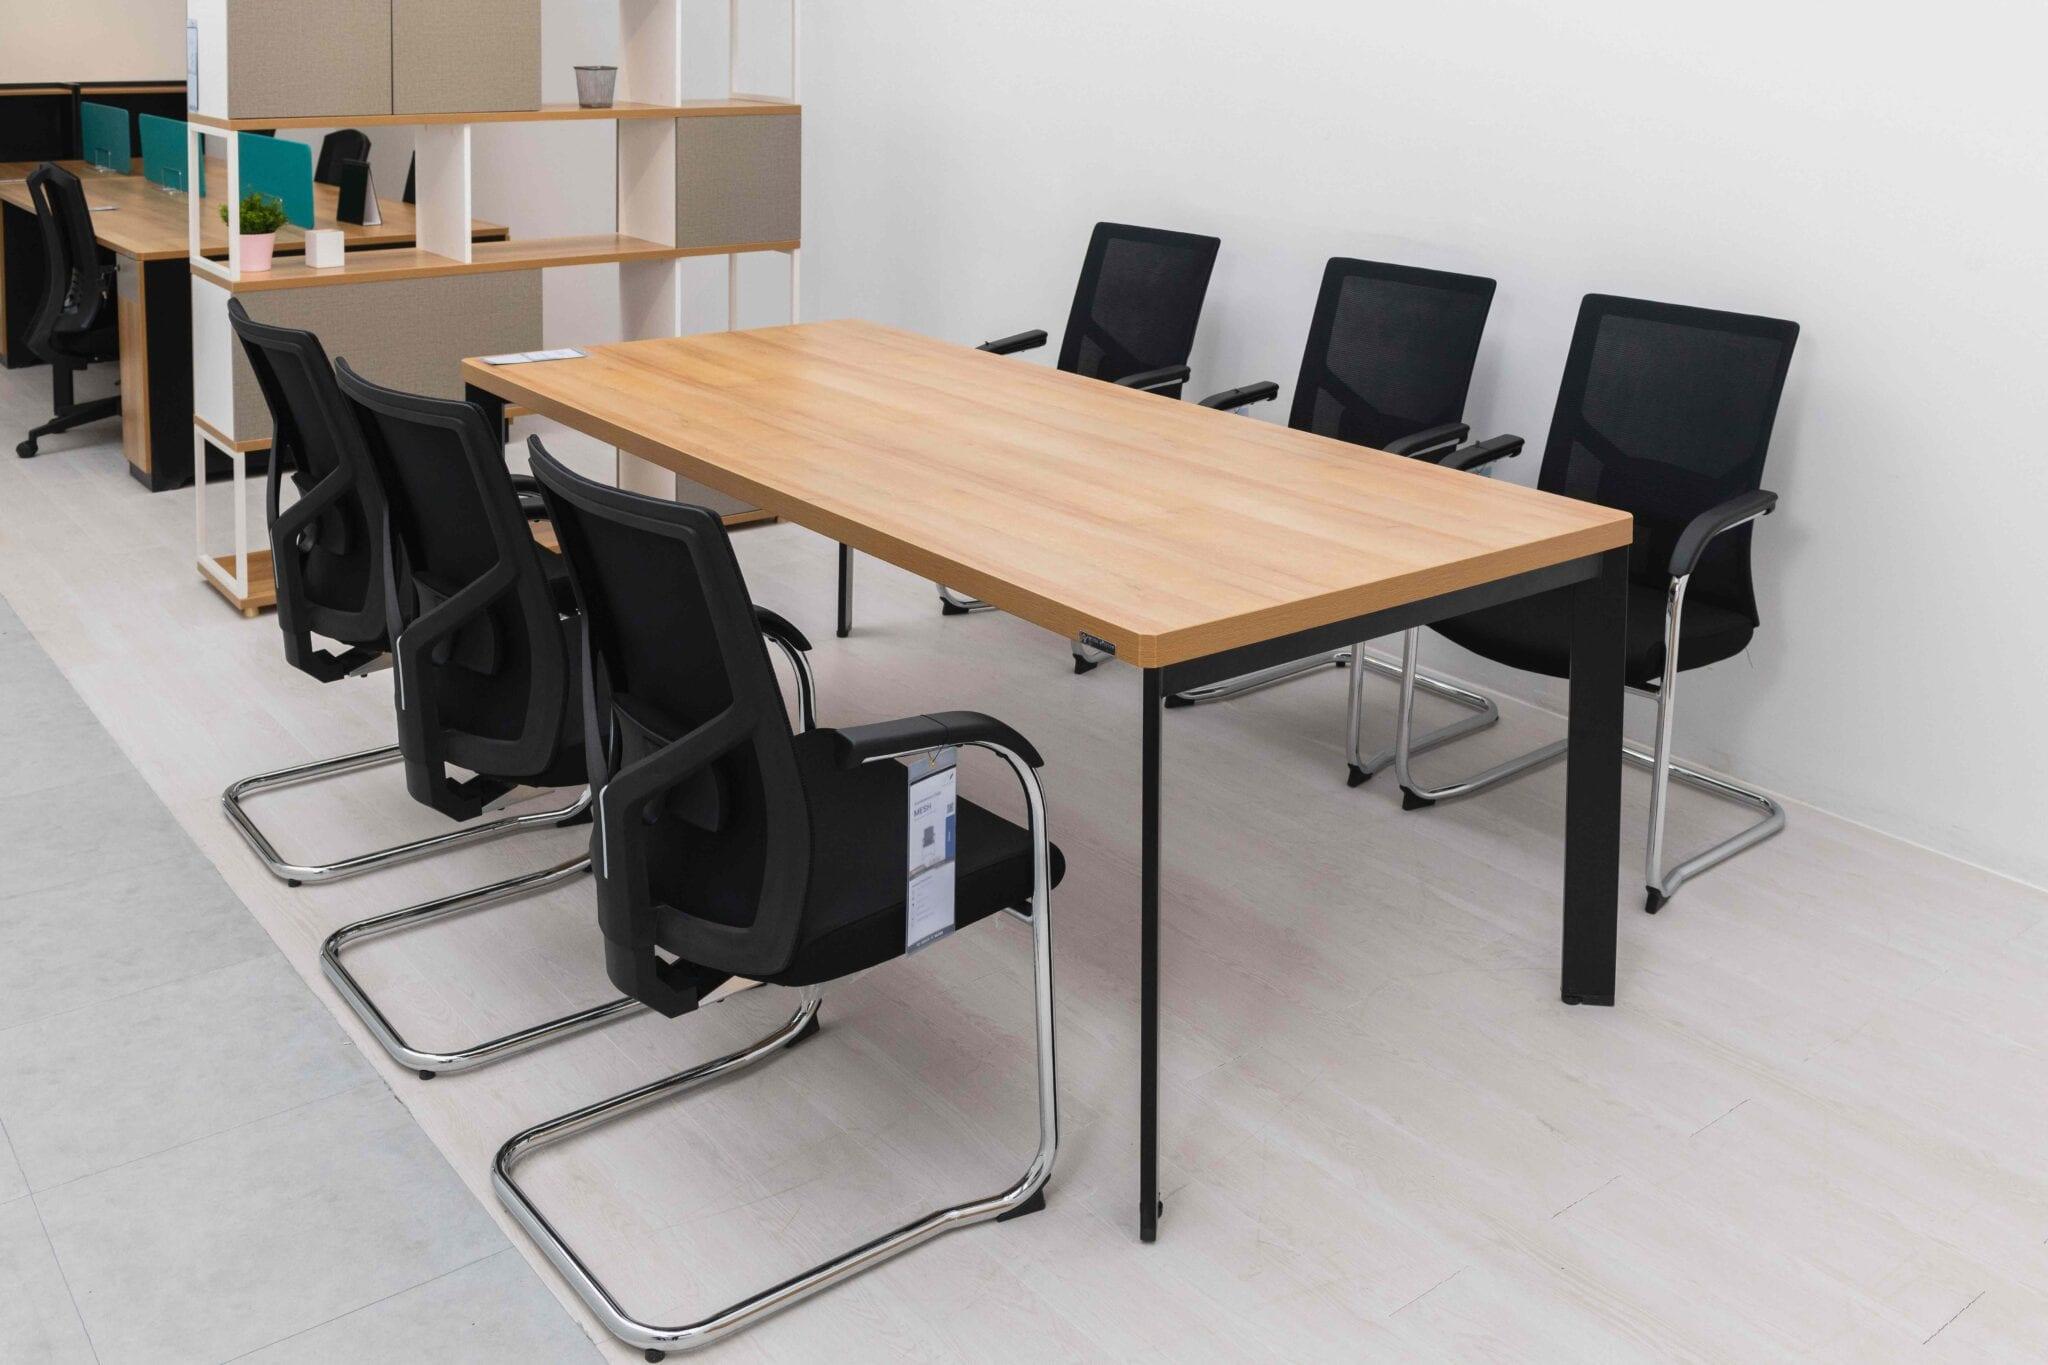 โต๊ะประชุม พร้อมเก้าอี้ทรงขารูปตัวยู